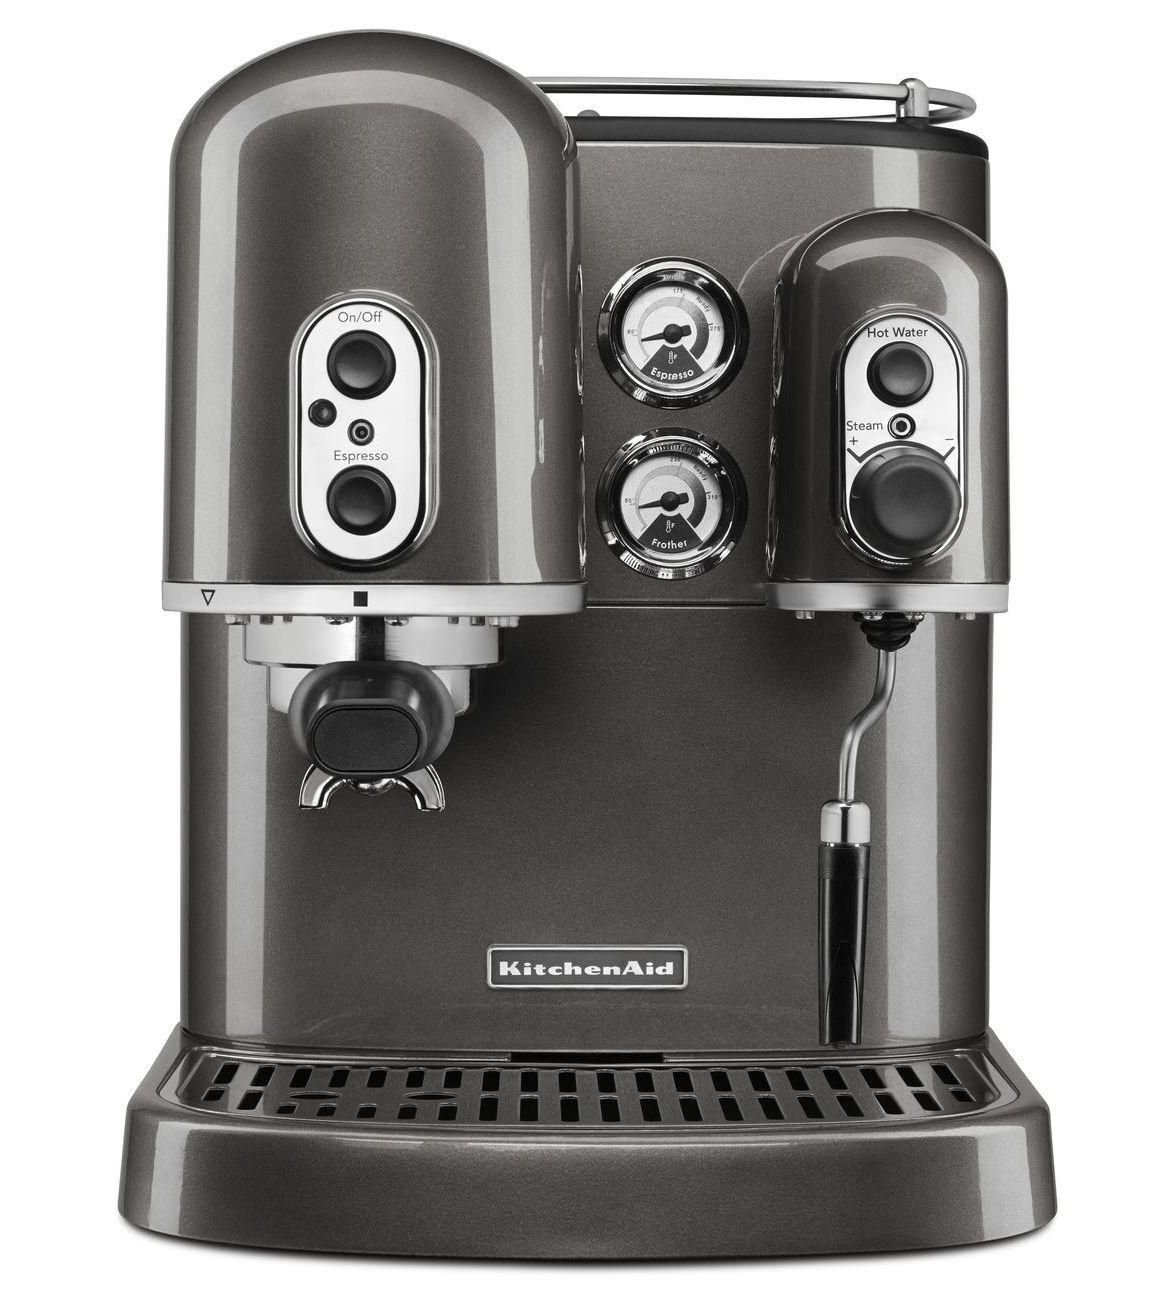 Kitchenaid Coffee Maker Wiring Diagram Trusted Diagrams Bunn Wire Pro Line Espresso Machine Silver Ebay Schematic